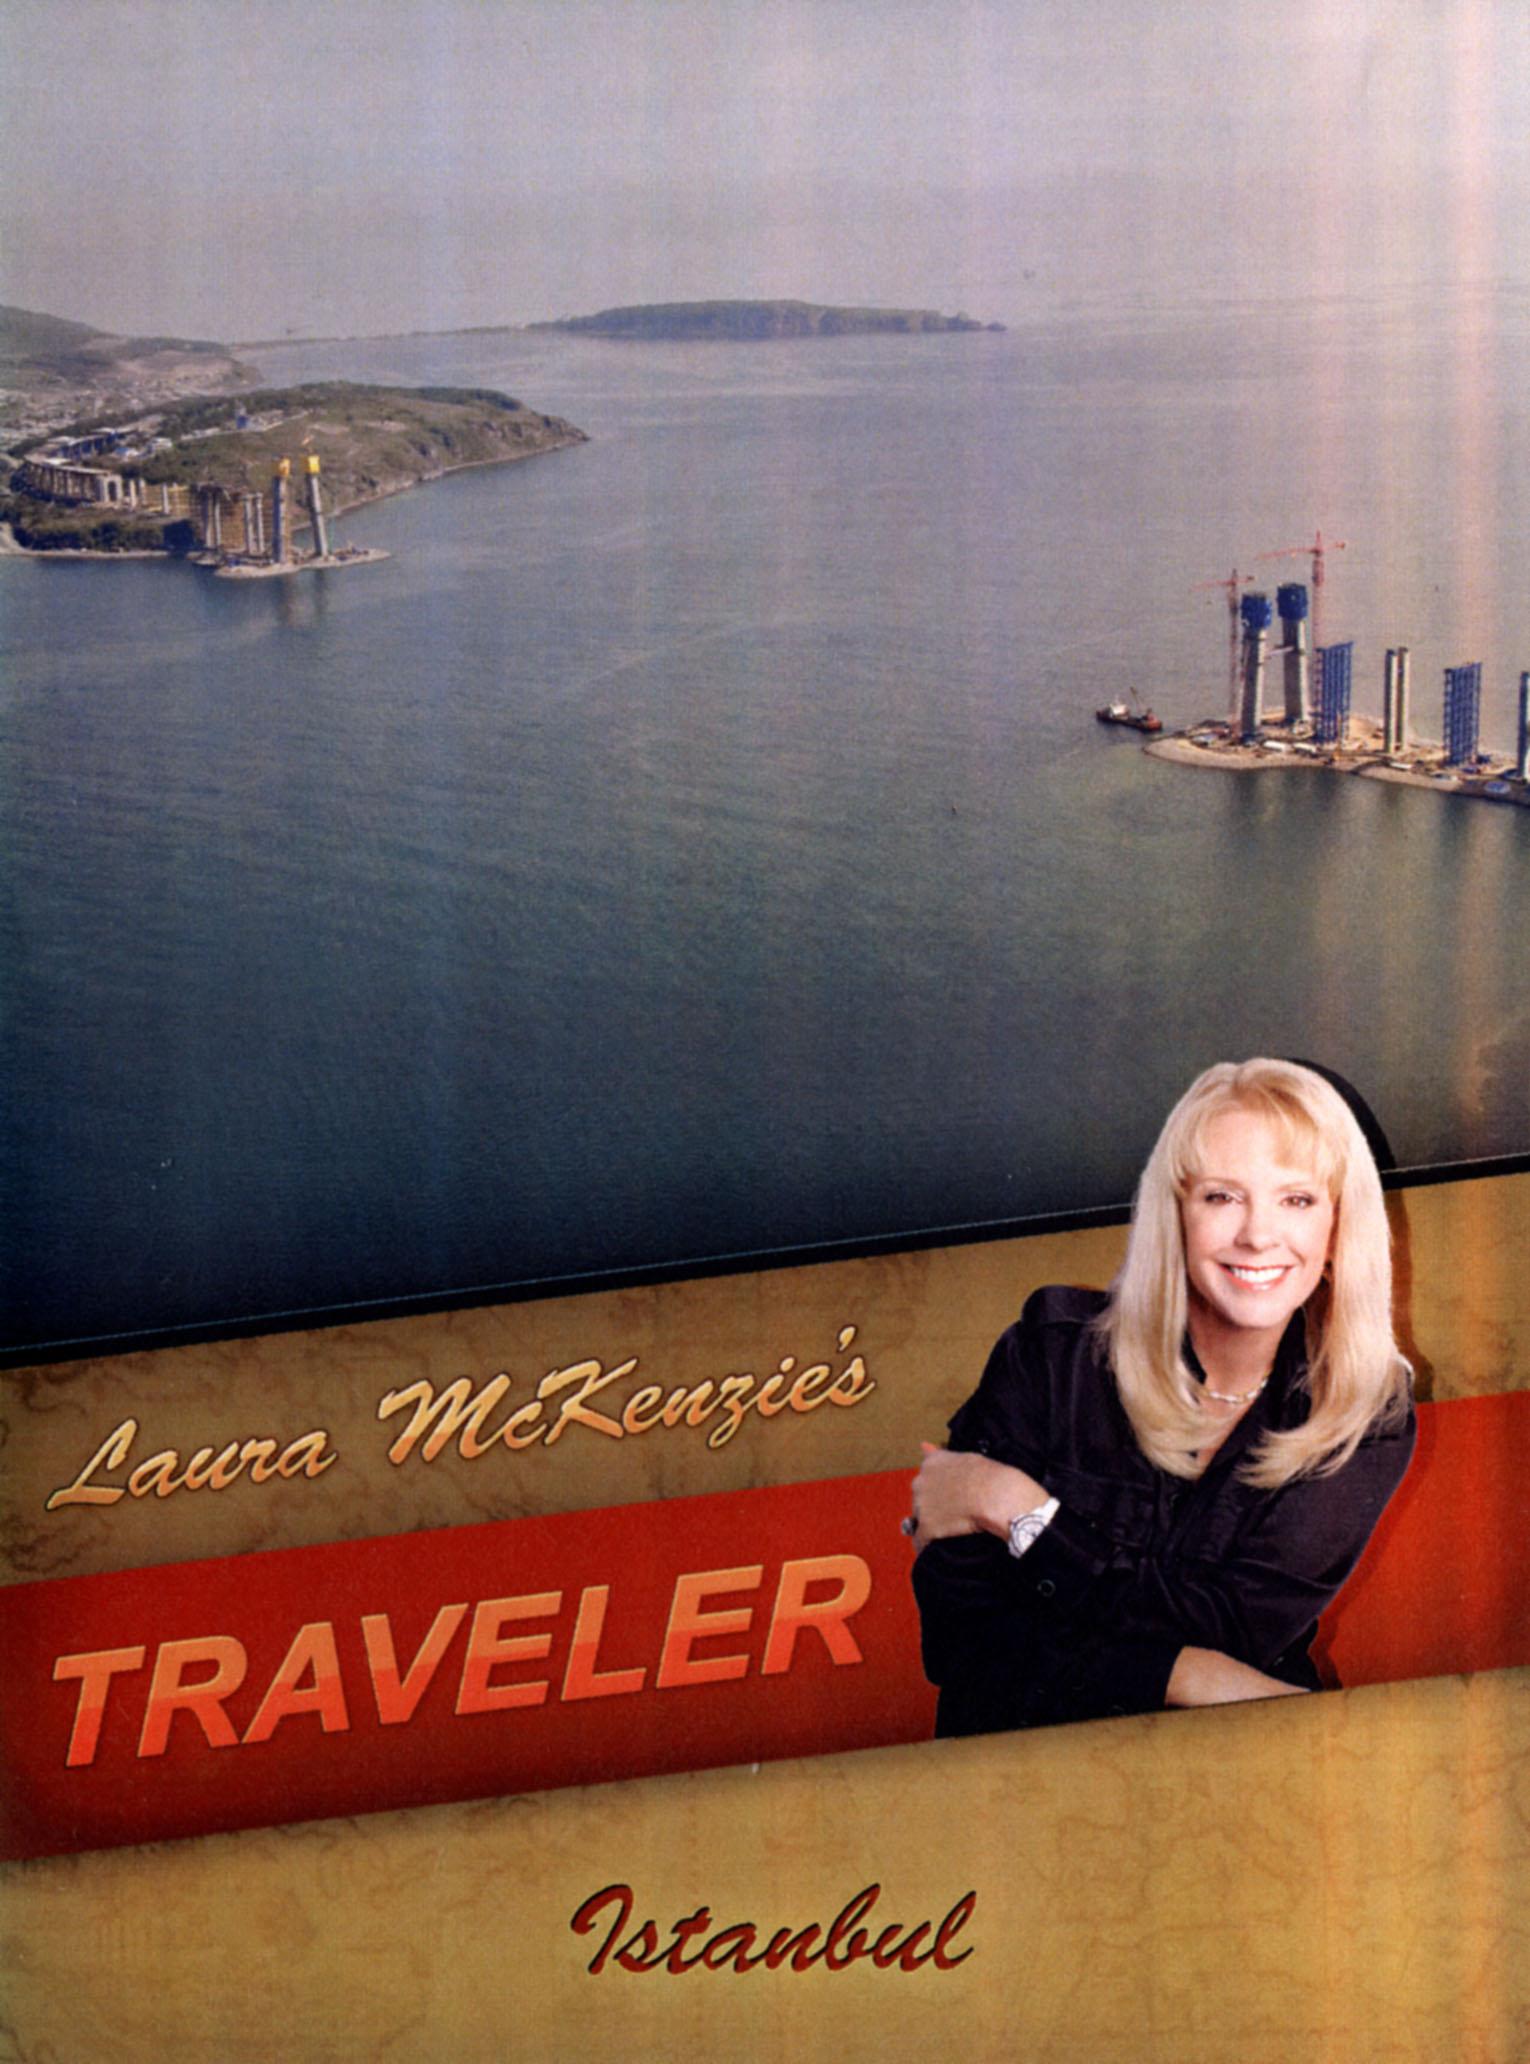 Laura McKenzie's Traveler: Istanbul